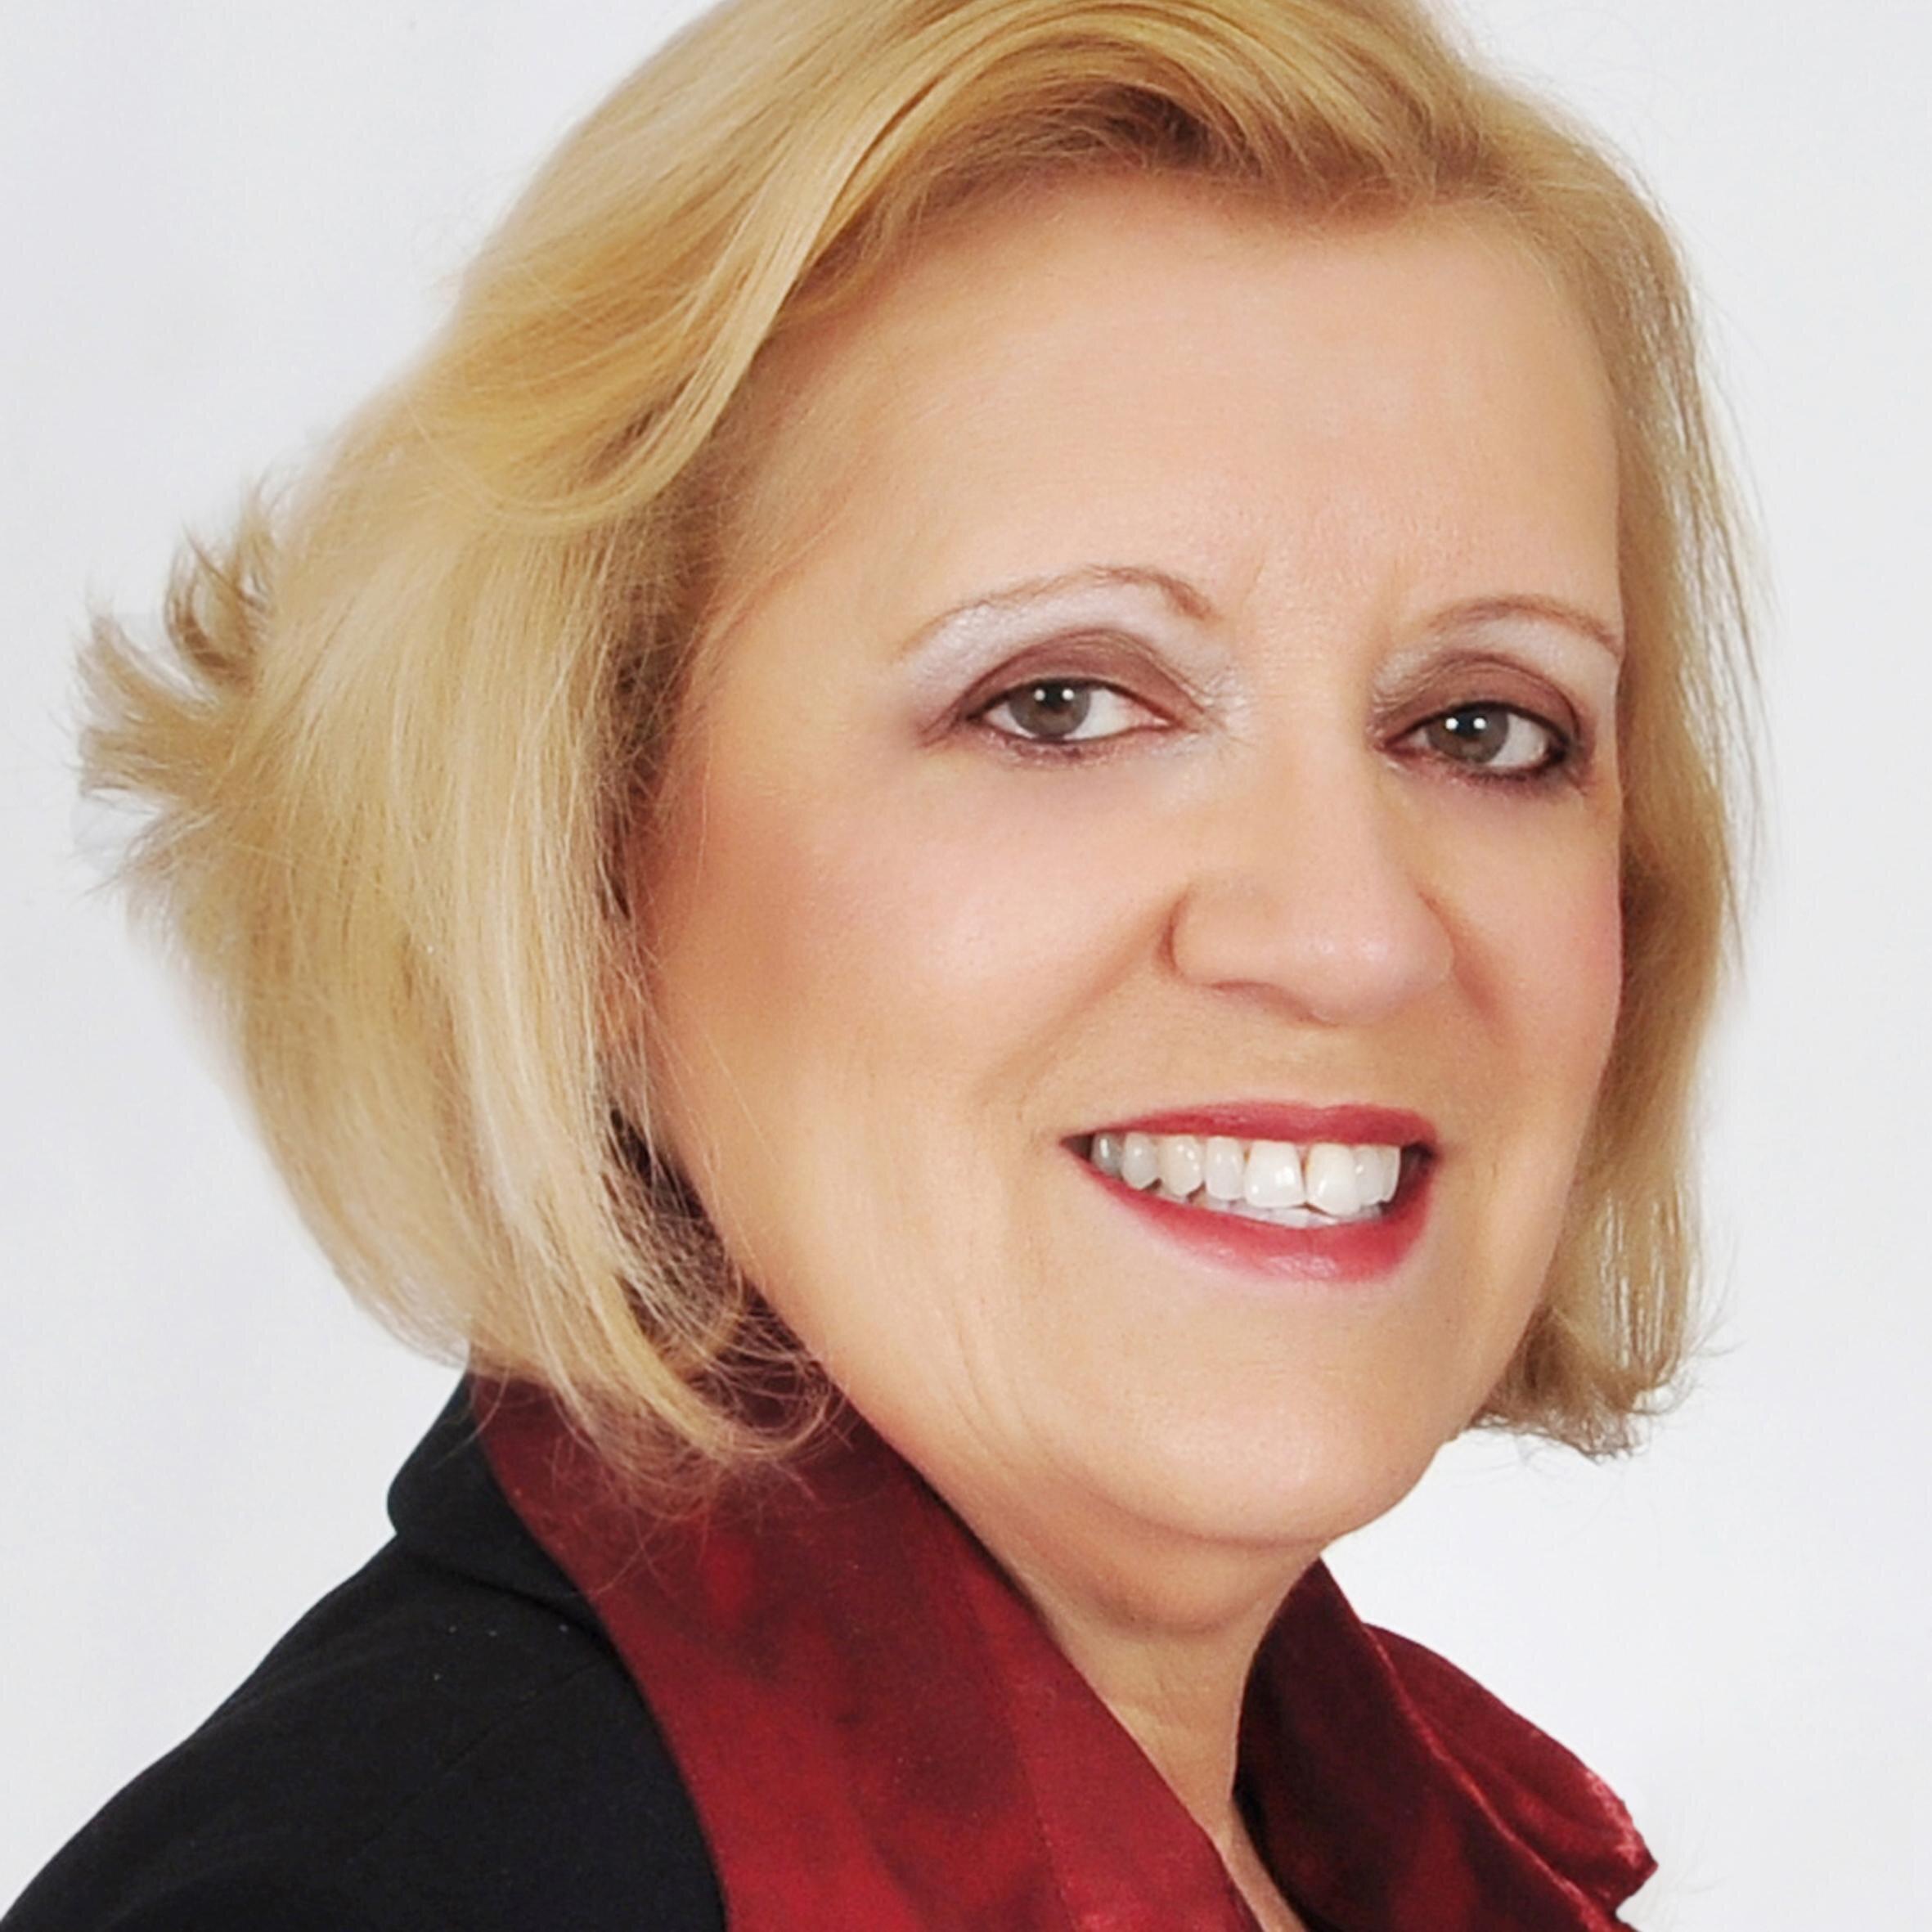 Arquiteta Wilma Kruger palestra sobre inovação e empreendedorismo no campus de Juiz de Fora